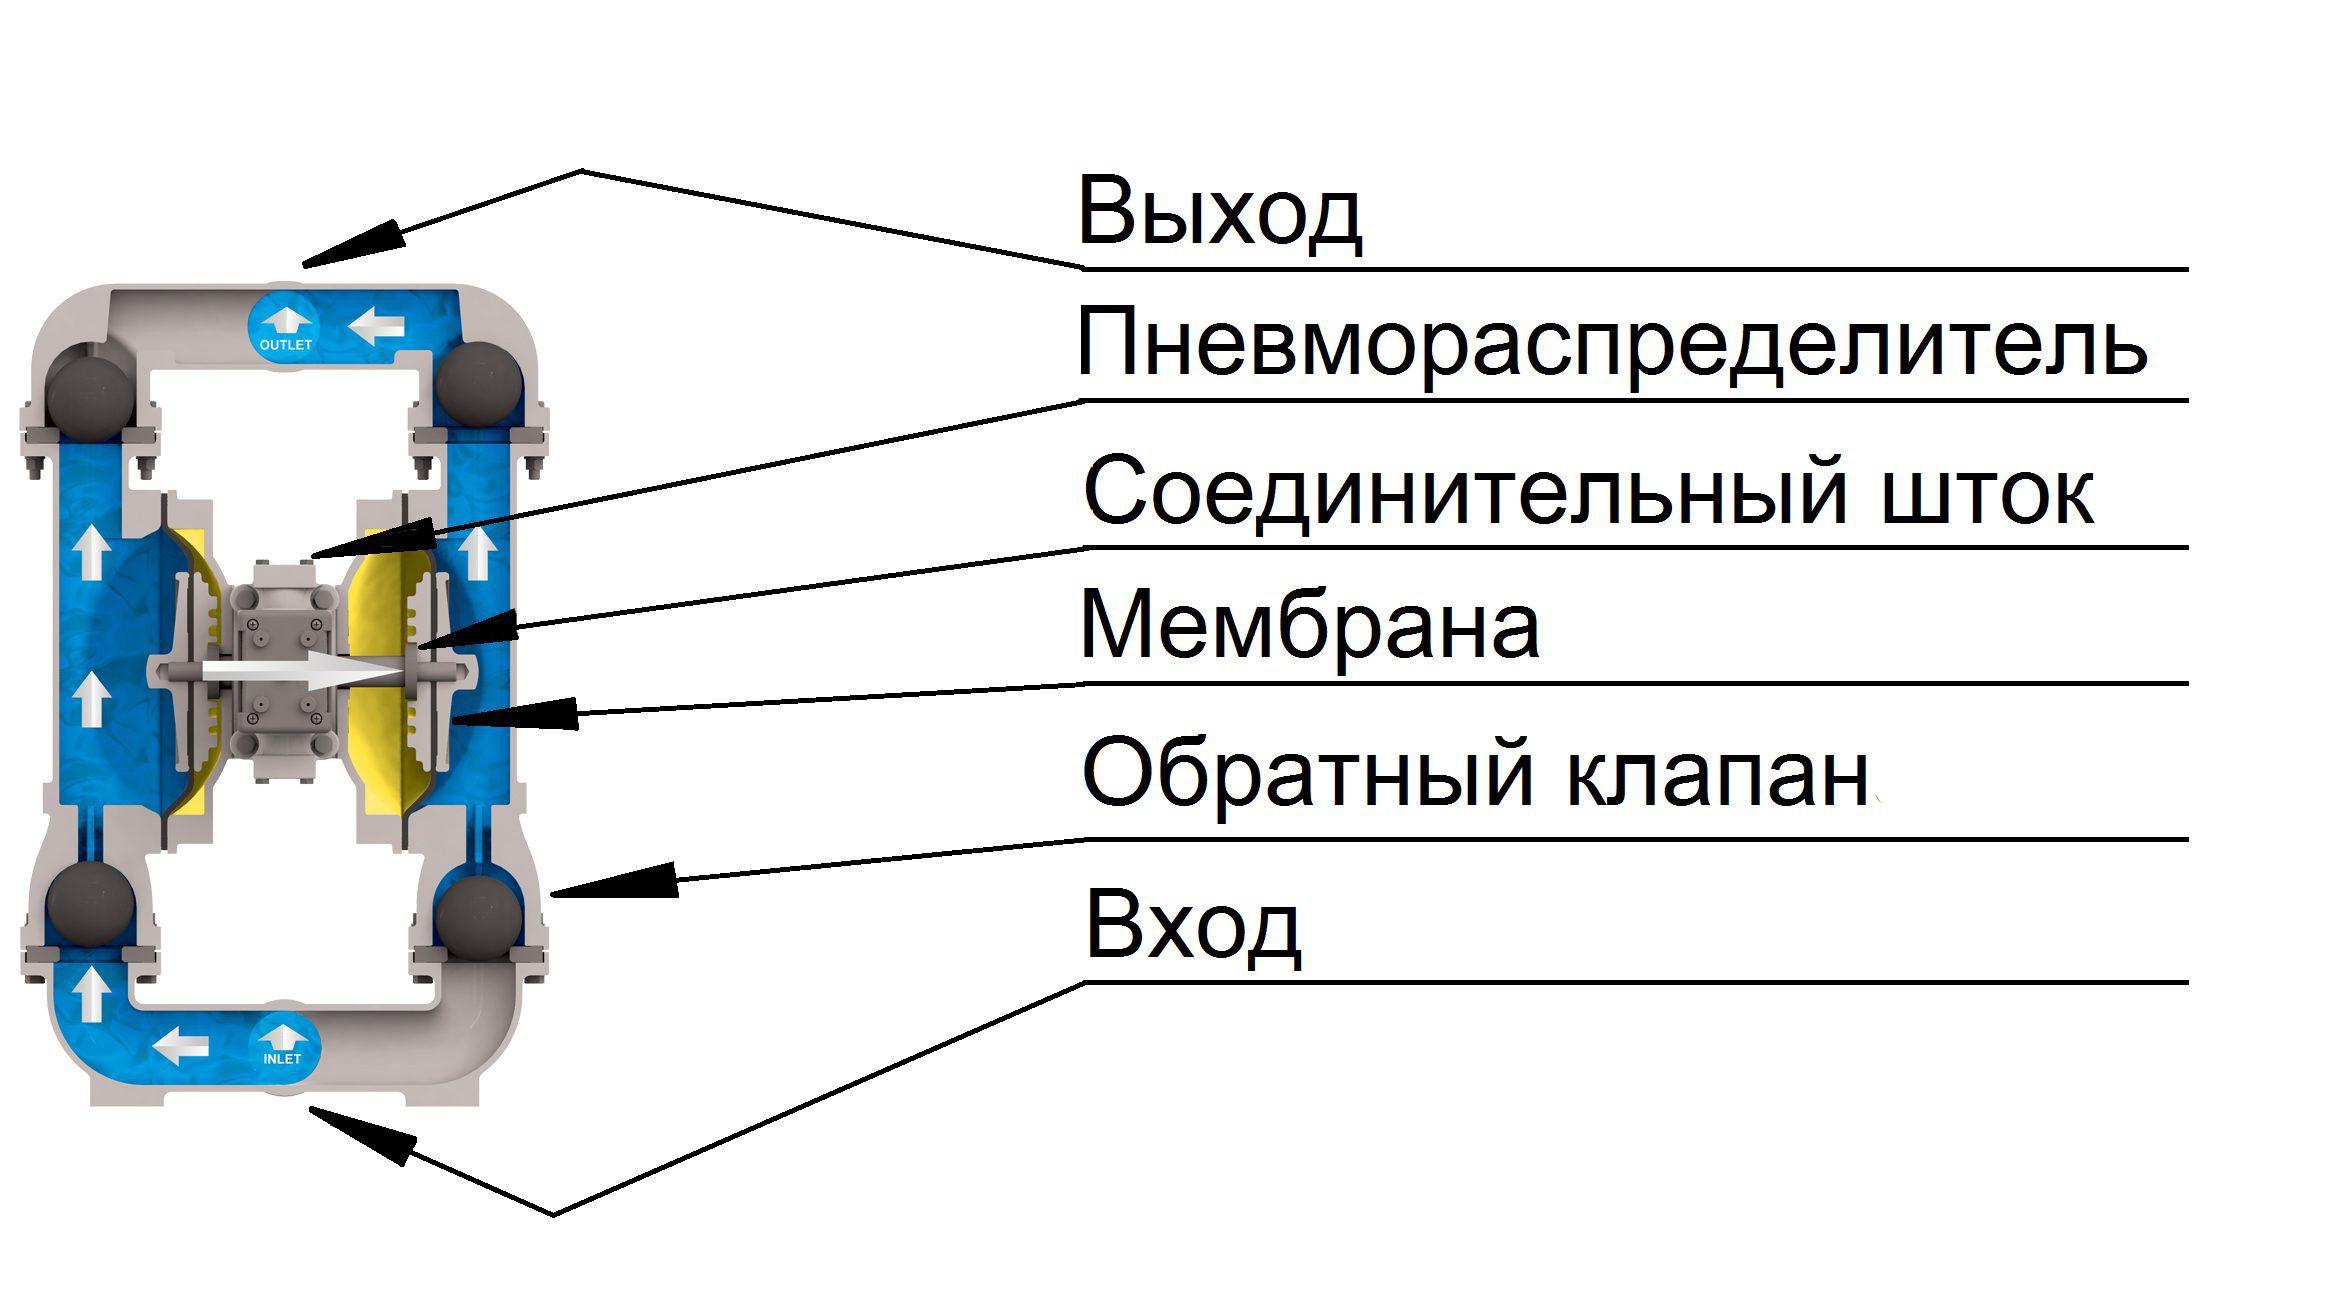 Промышленные насосы Versa-Matic E5 Non-Metallic с болтовым соединением